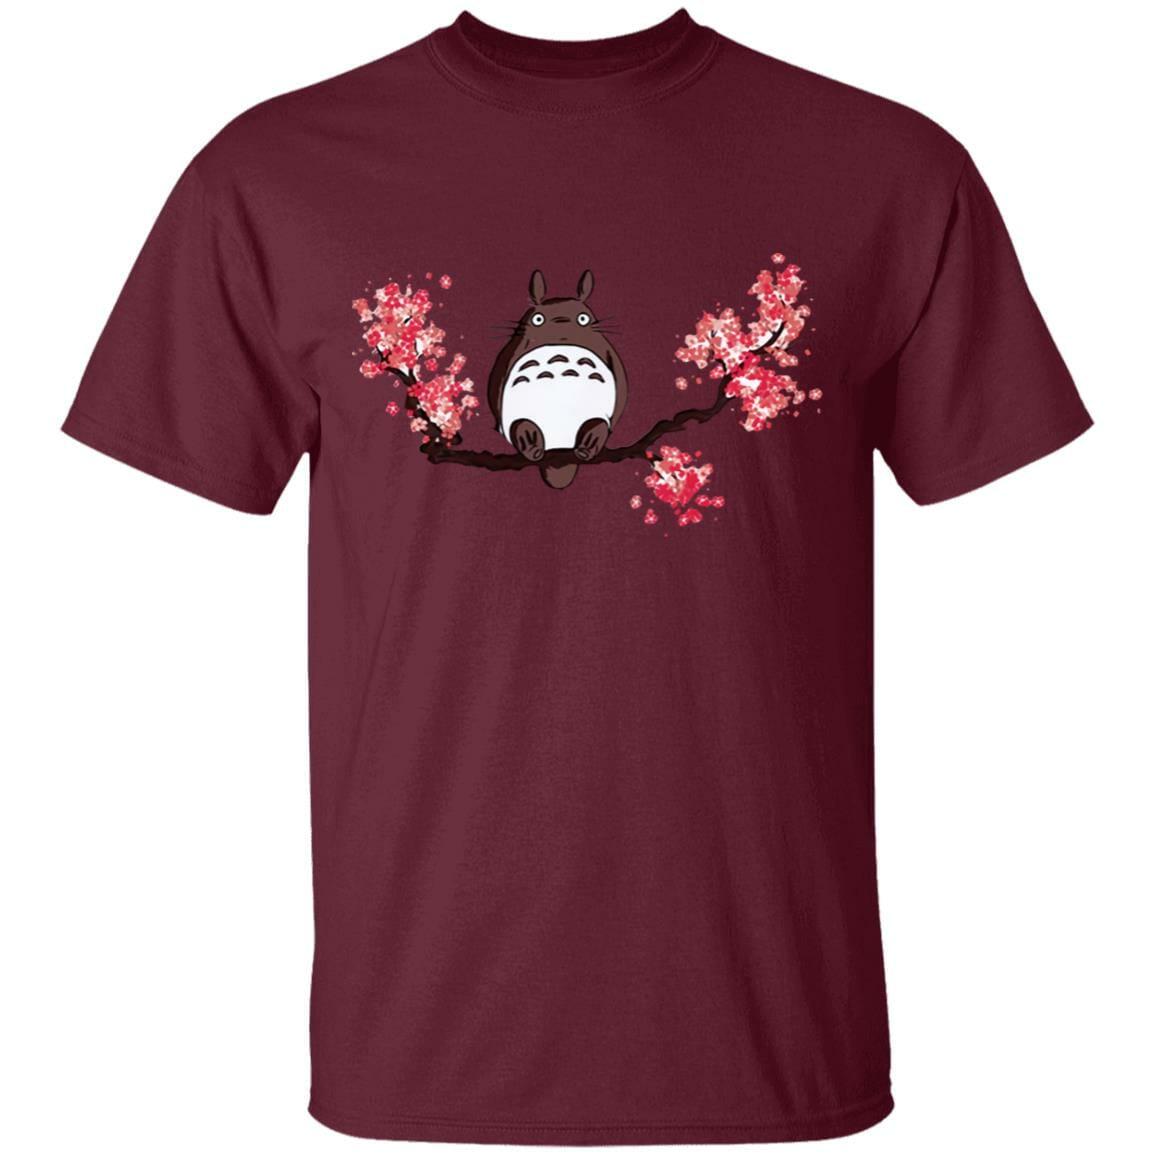 Totoro and Sakura T shirt